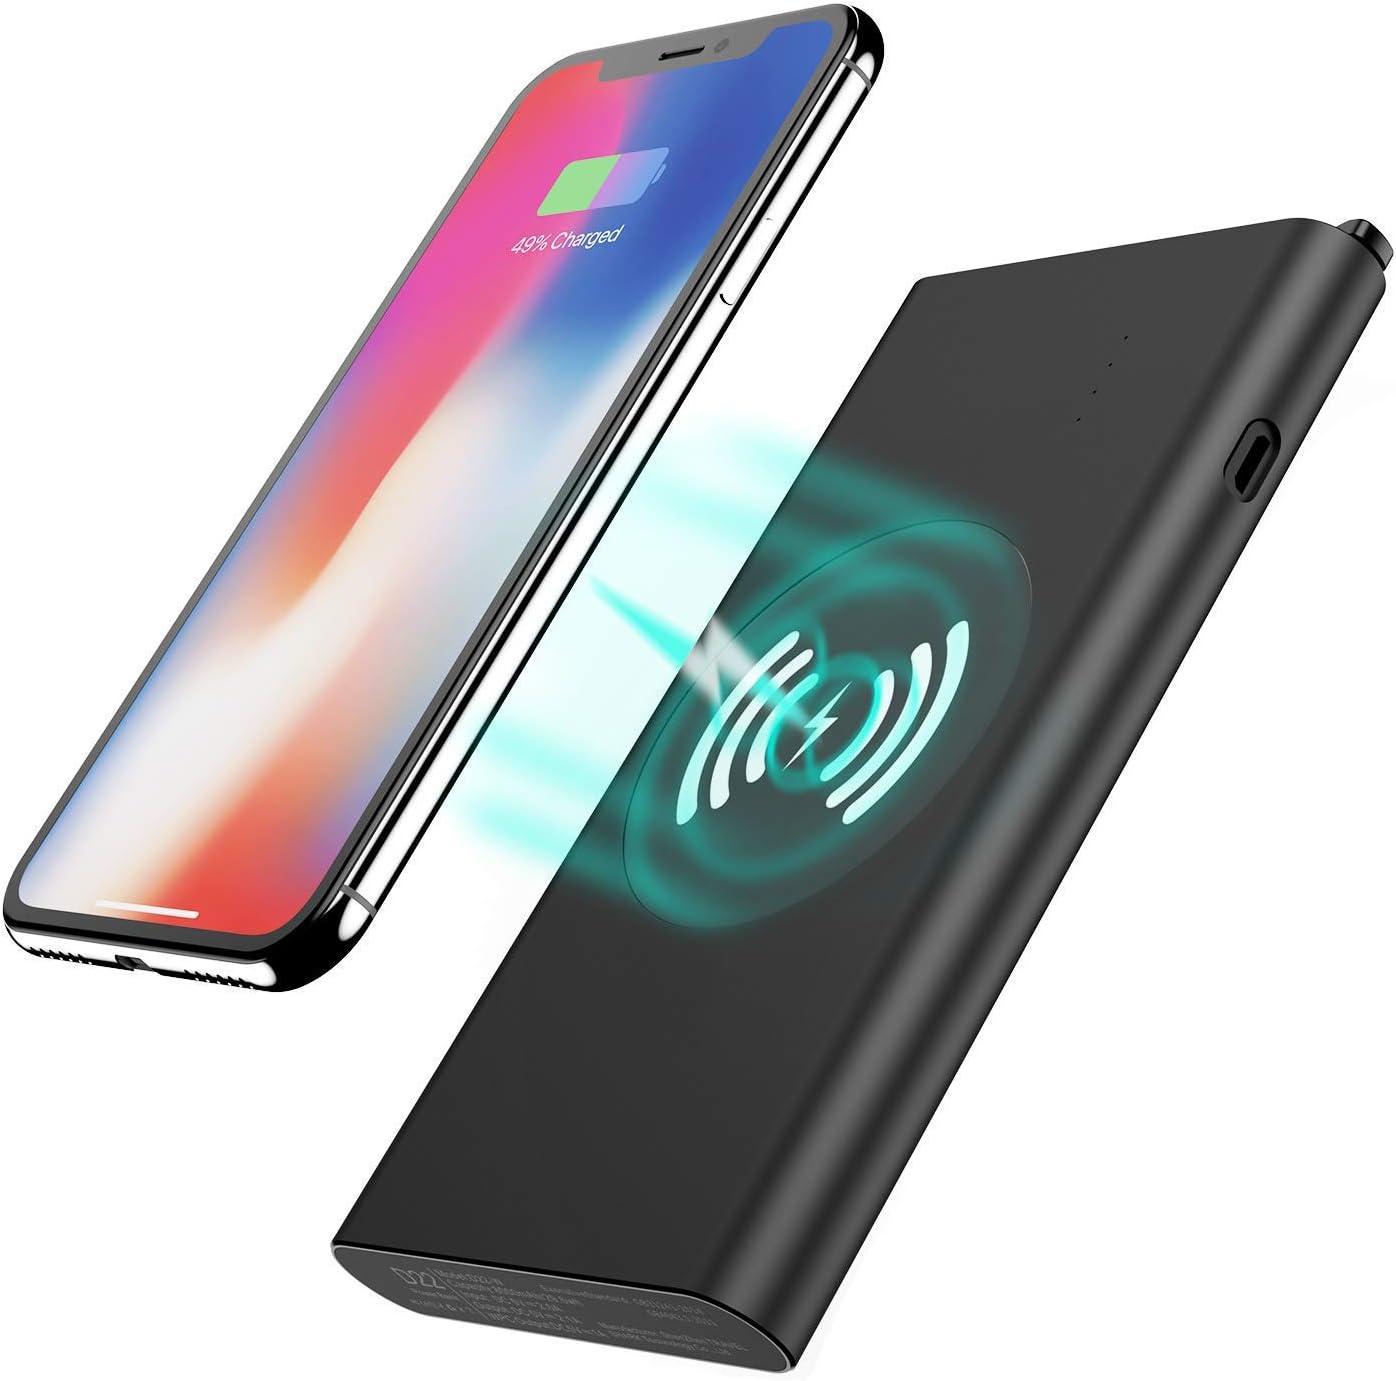 Tech Care - Cargador inalámbrico de Batería Recargable 3 en 1 DE 8000 mAh, Batería Qi inalámbrica para iPhone X/8/8 Plus, Samsung Galaxy S6/7/8, Note 7/8 y Más (Negro): Amazon.es: Electrónica